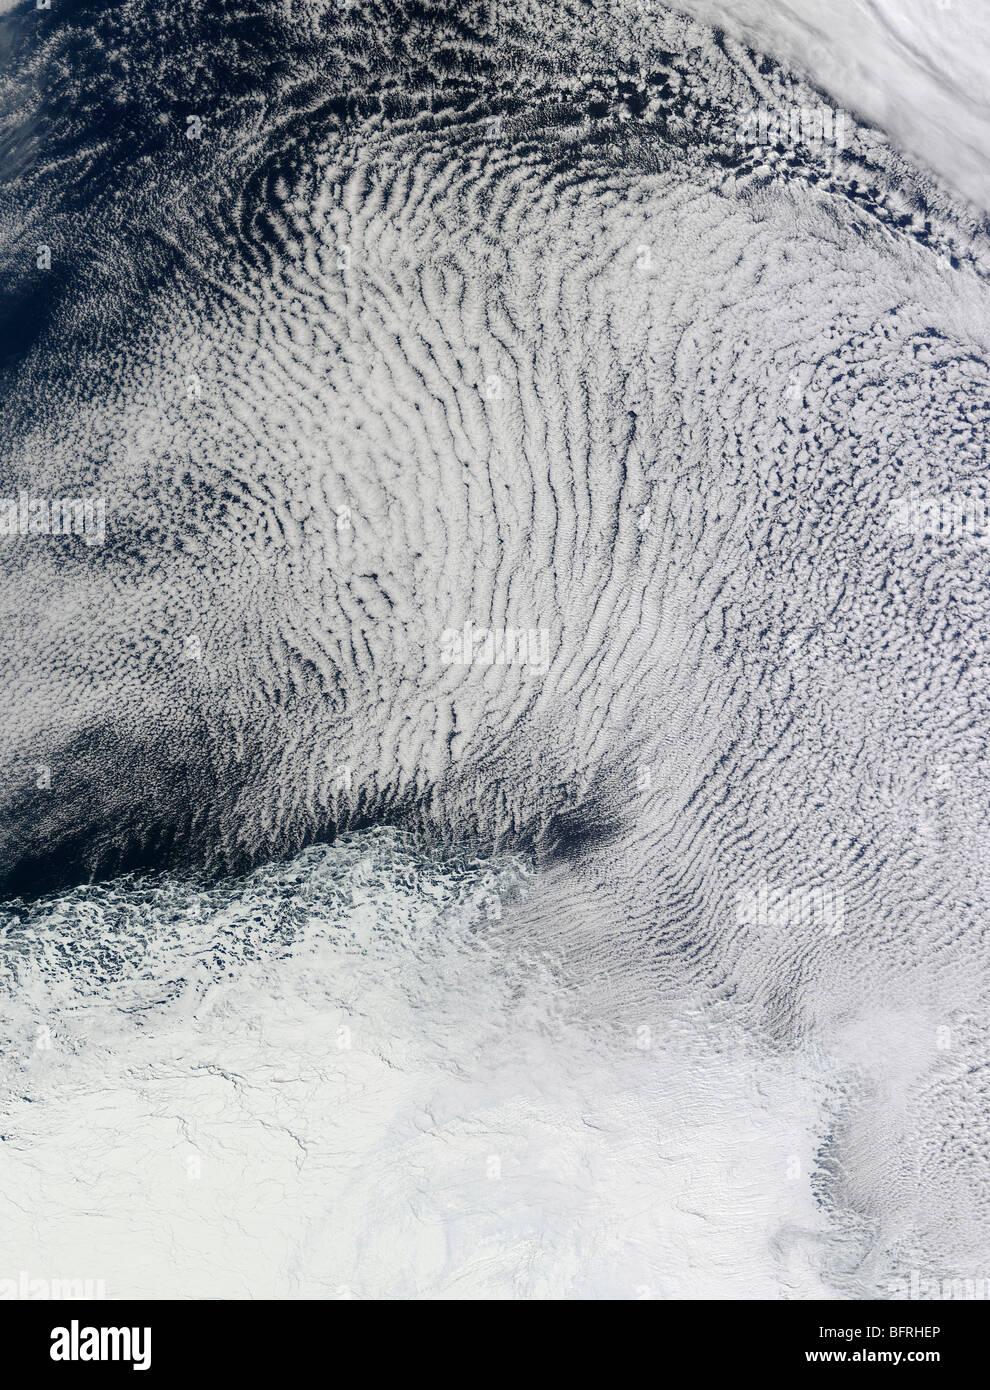 10 septembre 2009 - Nuages et glace de mer dans l'océan Austral. Banque D'Images